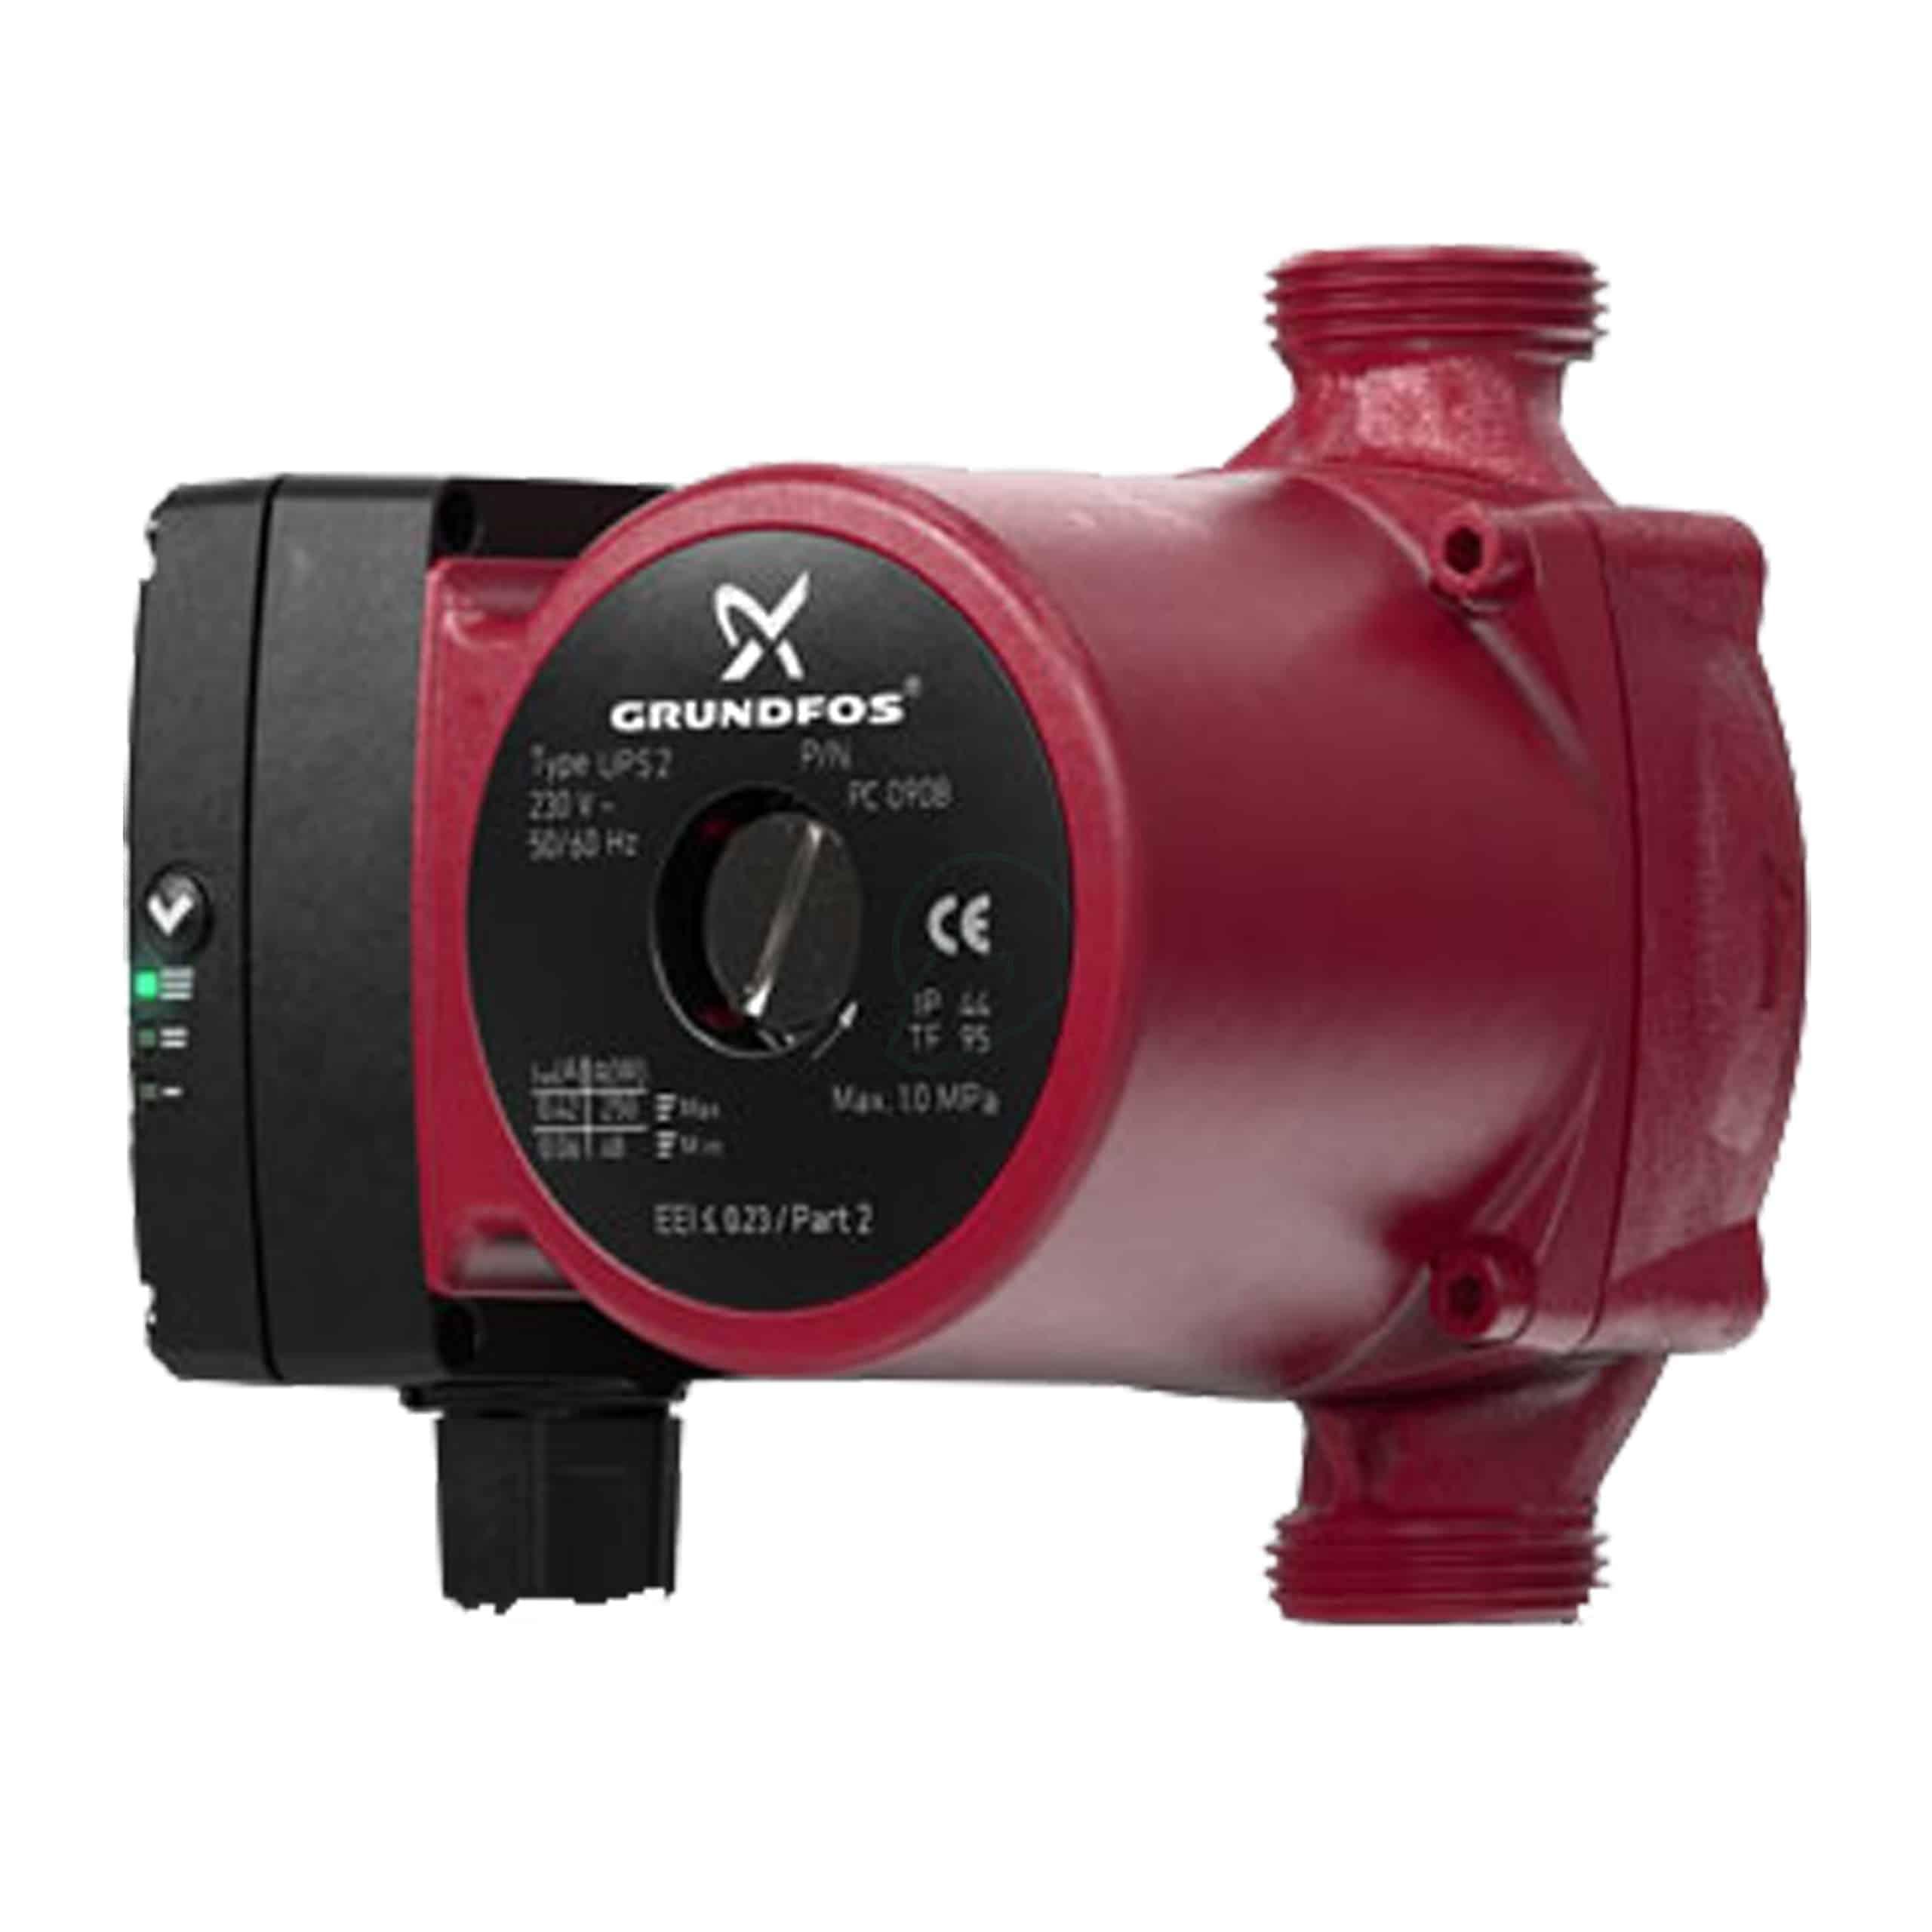 Grundfos UPS2 15-50/60 Boiler & Heating Pump Review